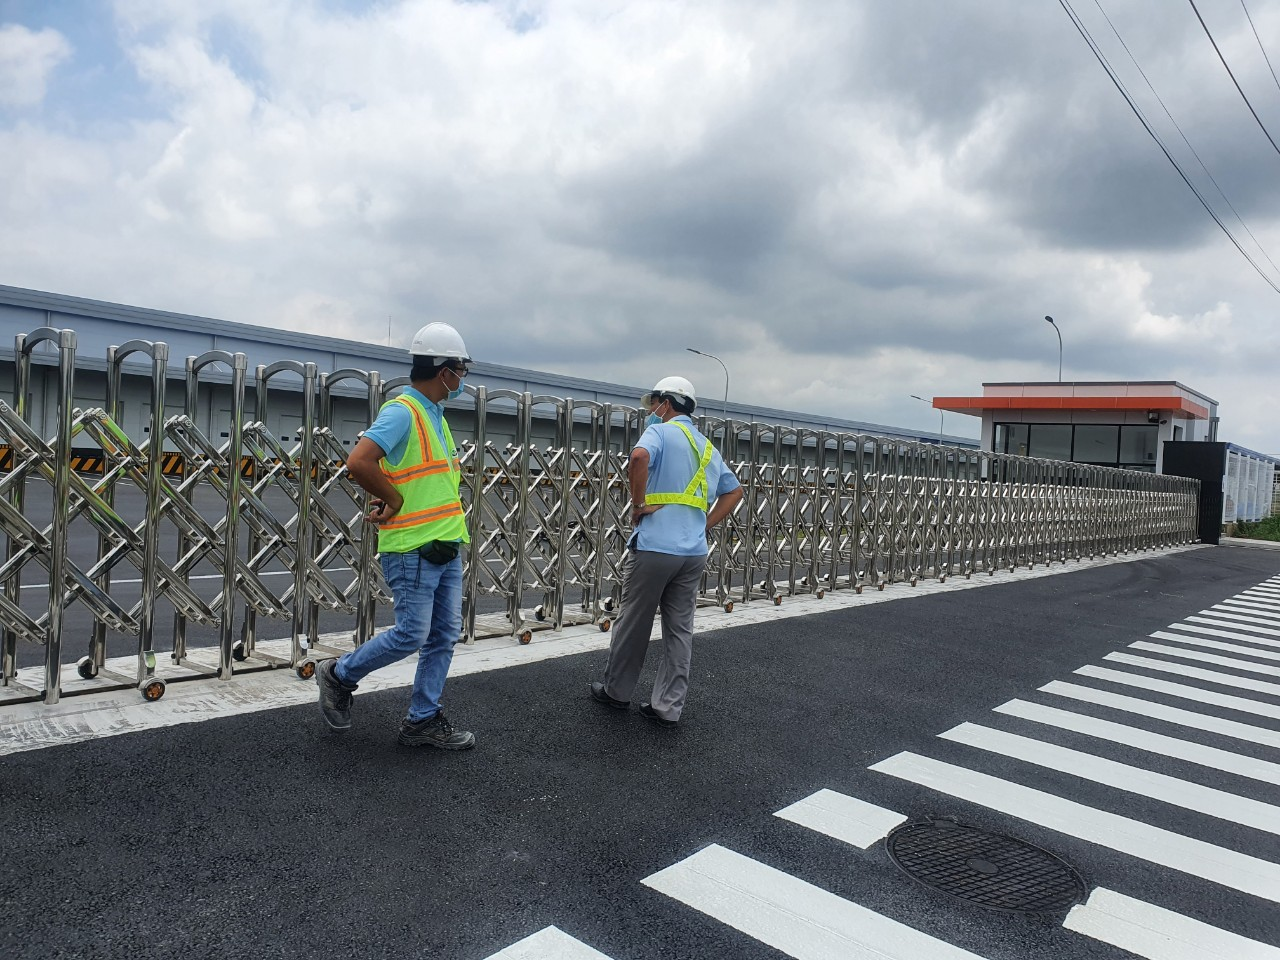 Công trình lắp cửa cổng inox 304 dài 40m tại Công ty Samil Địa chỉ: KCN Long Thành, Xã Tam An, Huyện Long Thành, Tỉnh Đồng Nai.